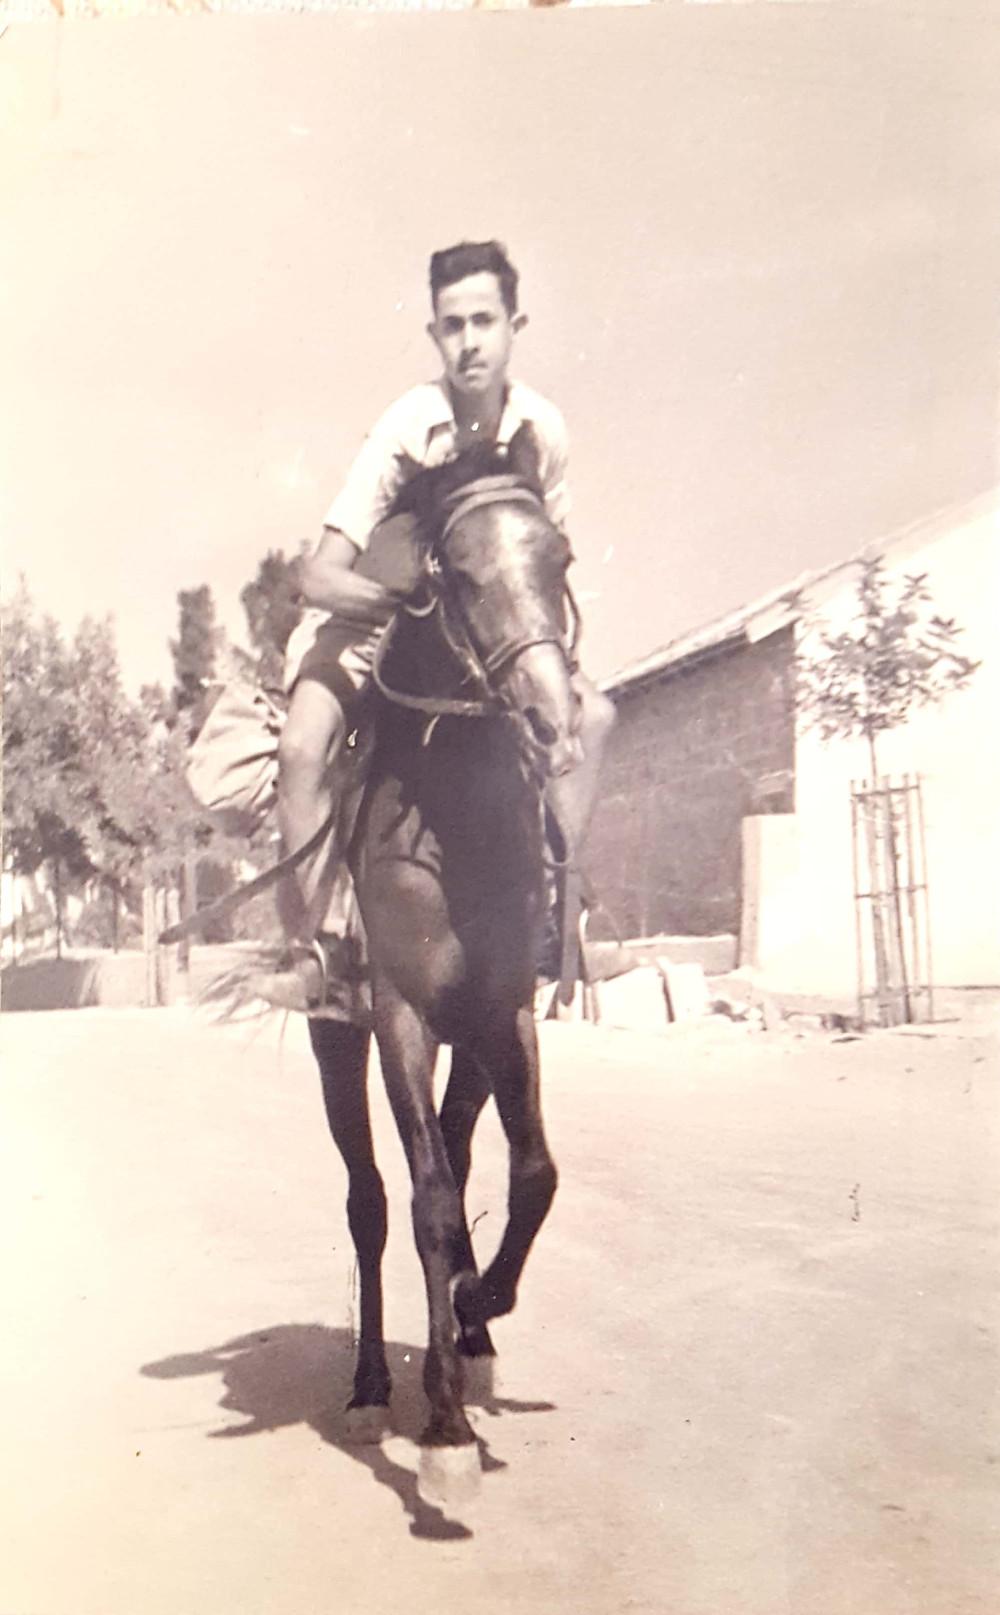 אהרון מלר בצעירותו רוכב על סוס במושבה גדרה